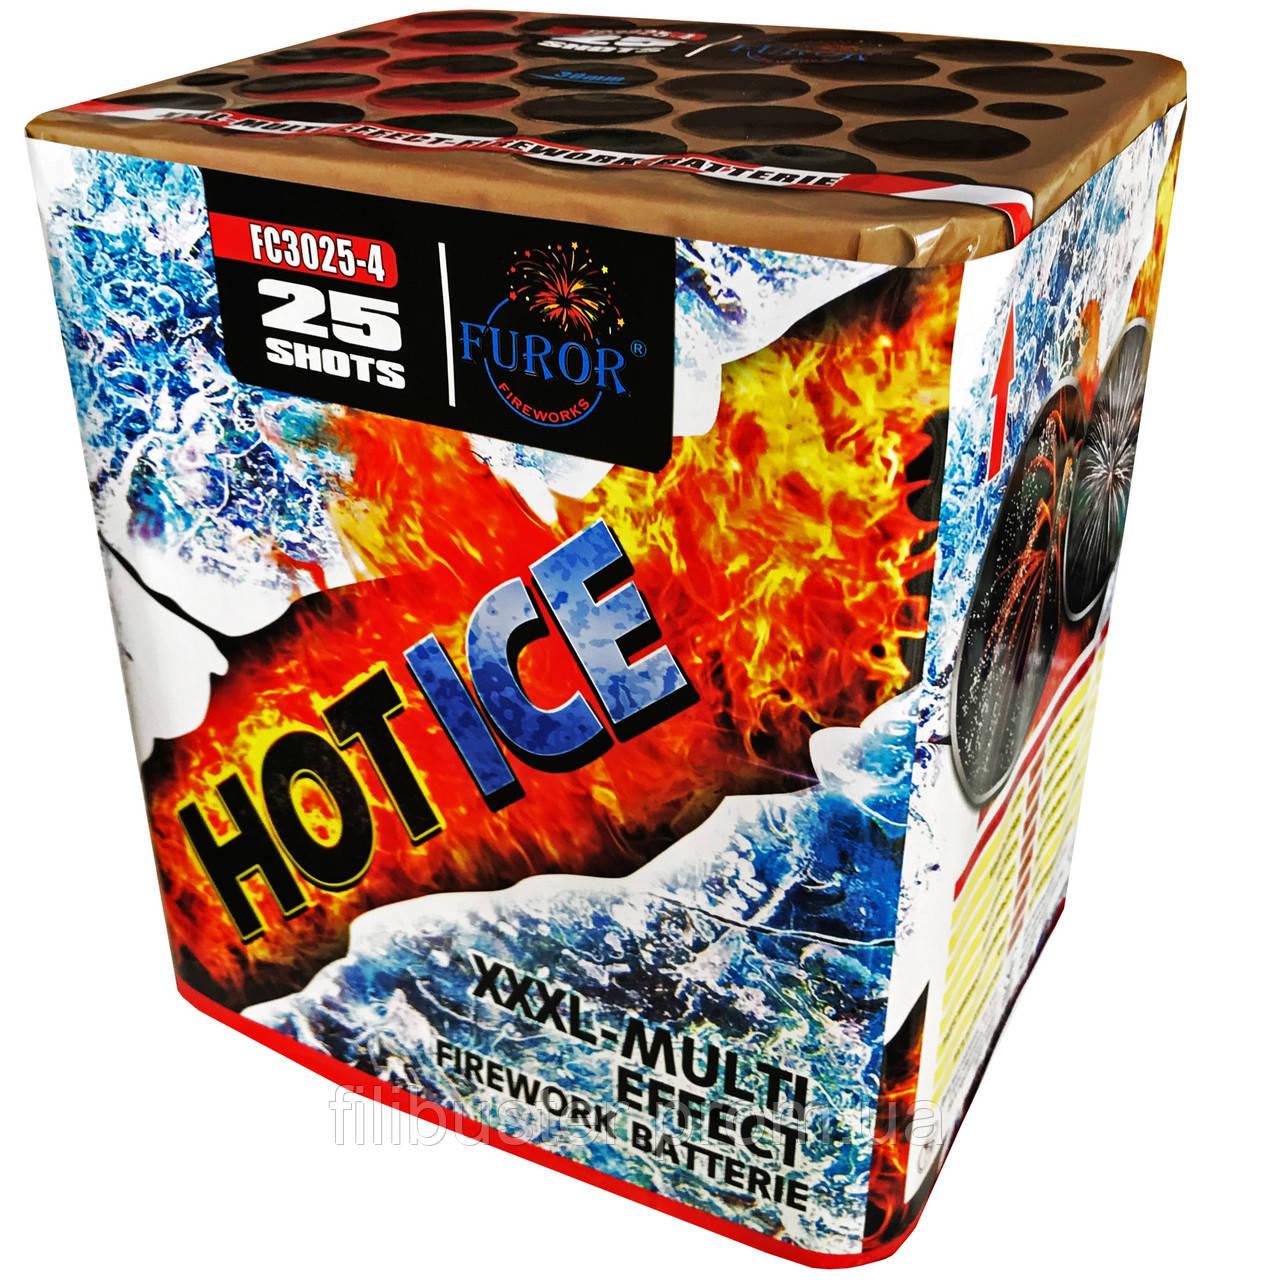 Салют Hot Ice на 25 выстрелов